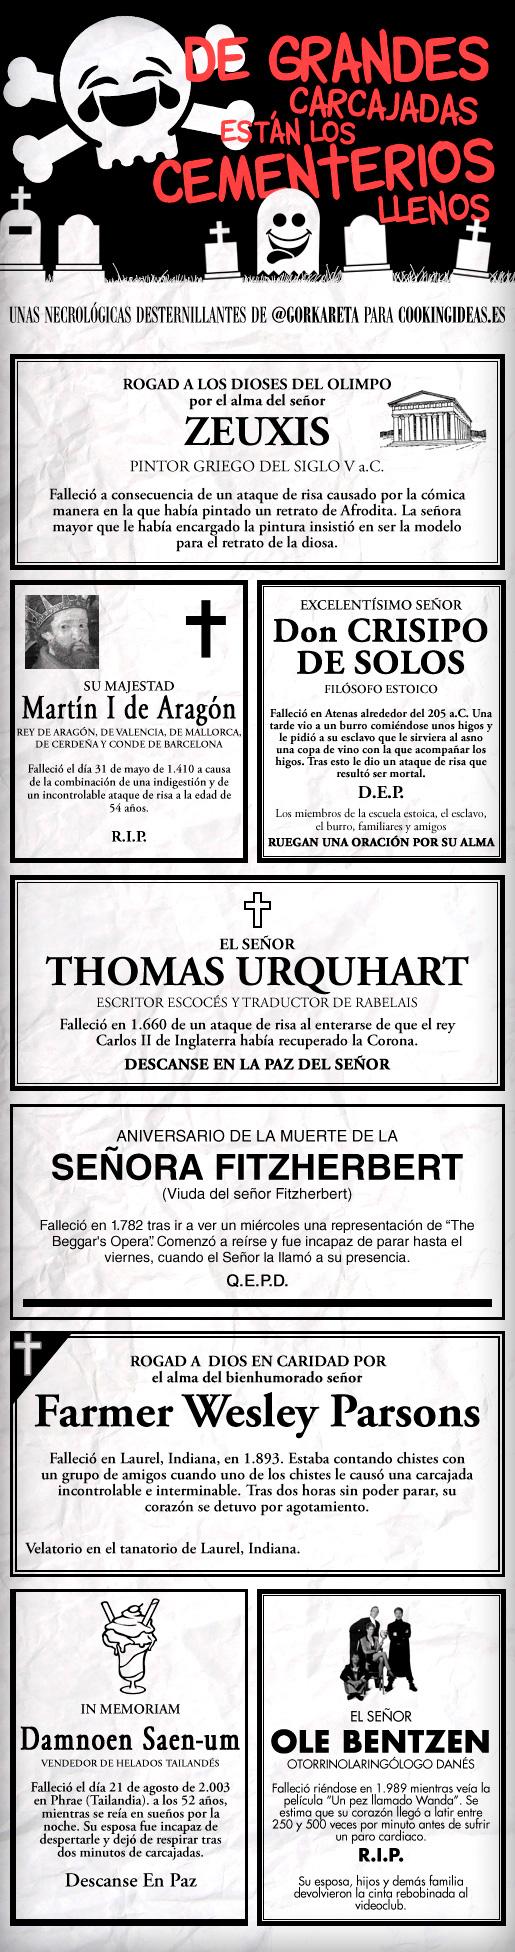 Infografías de cementerios